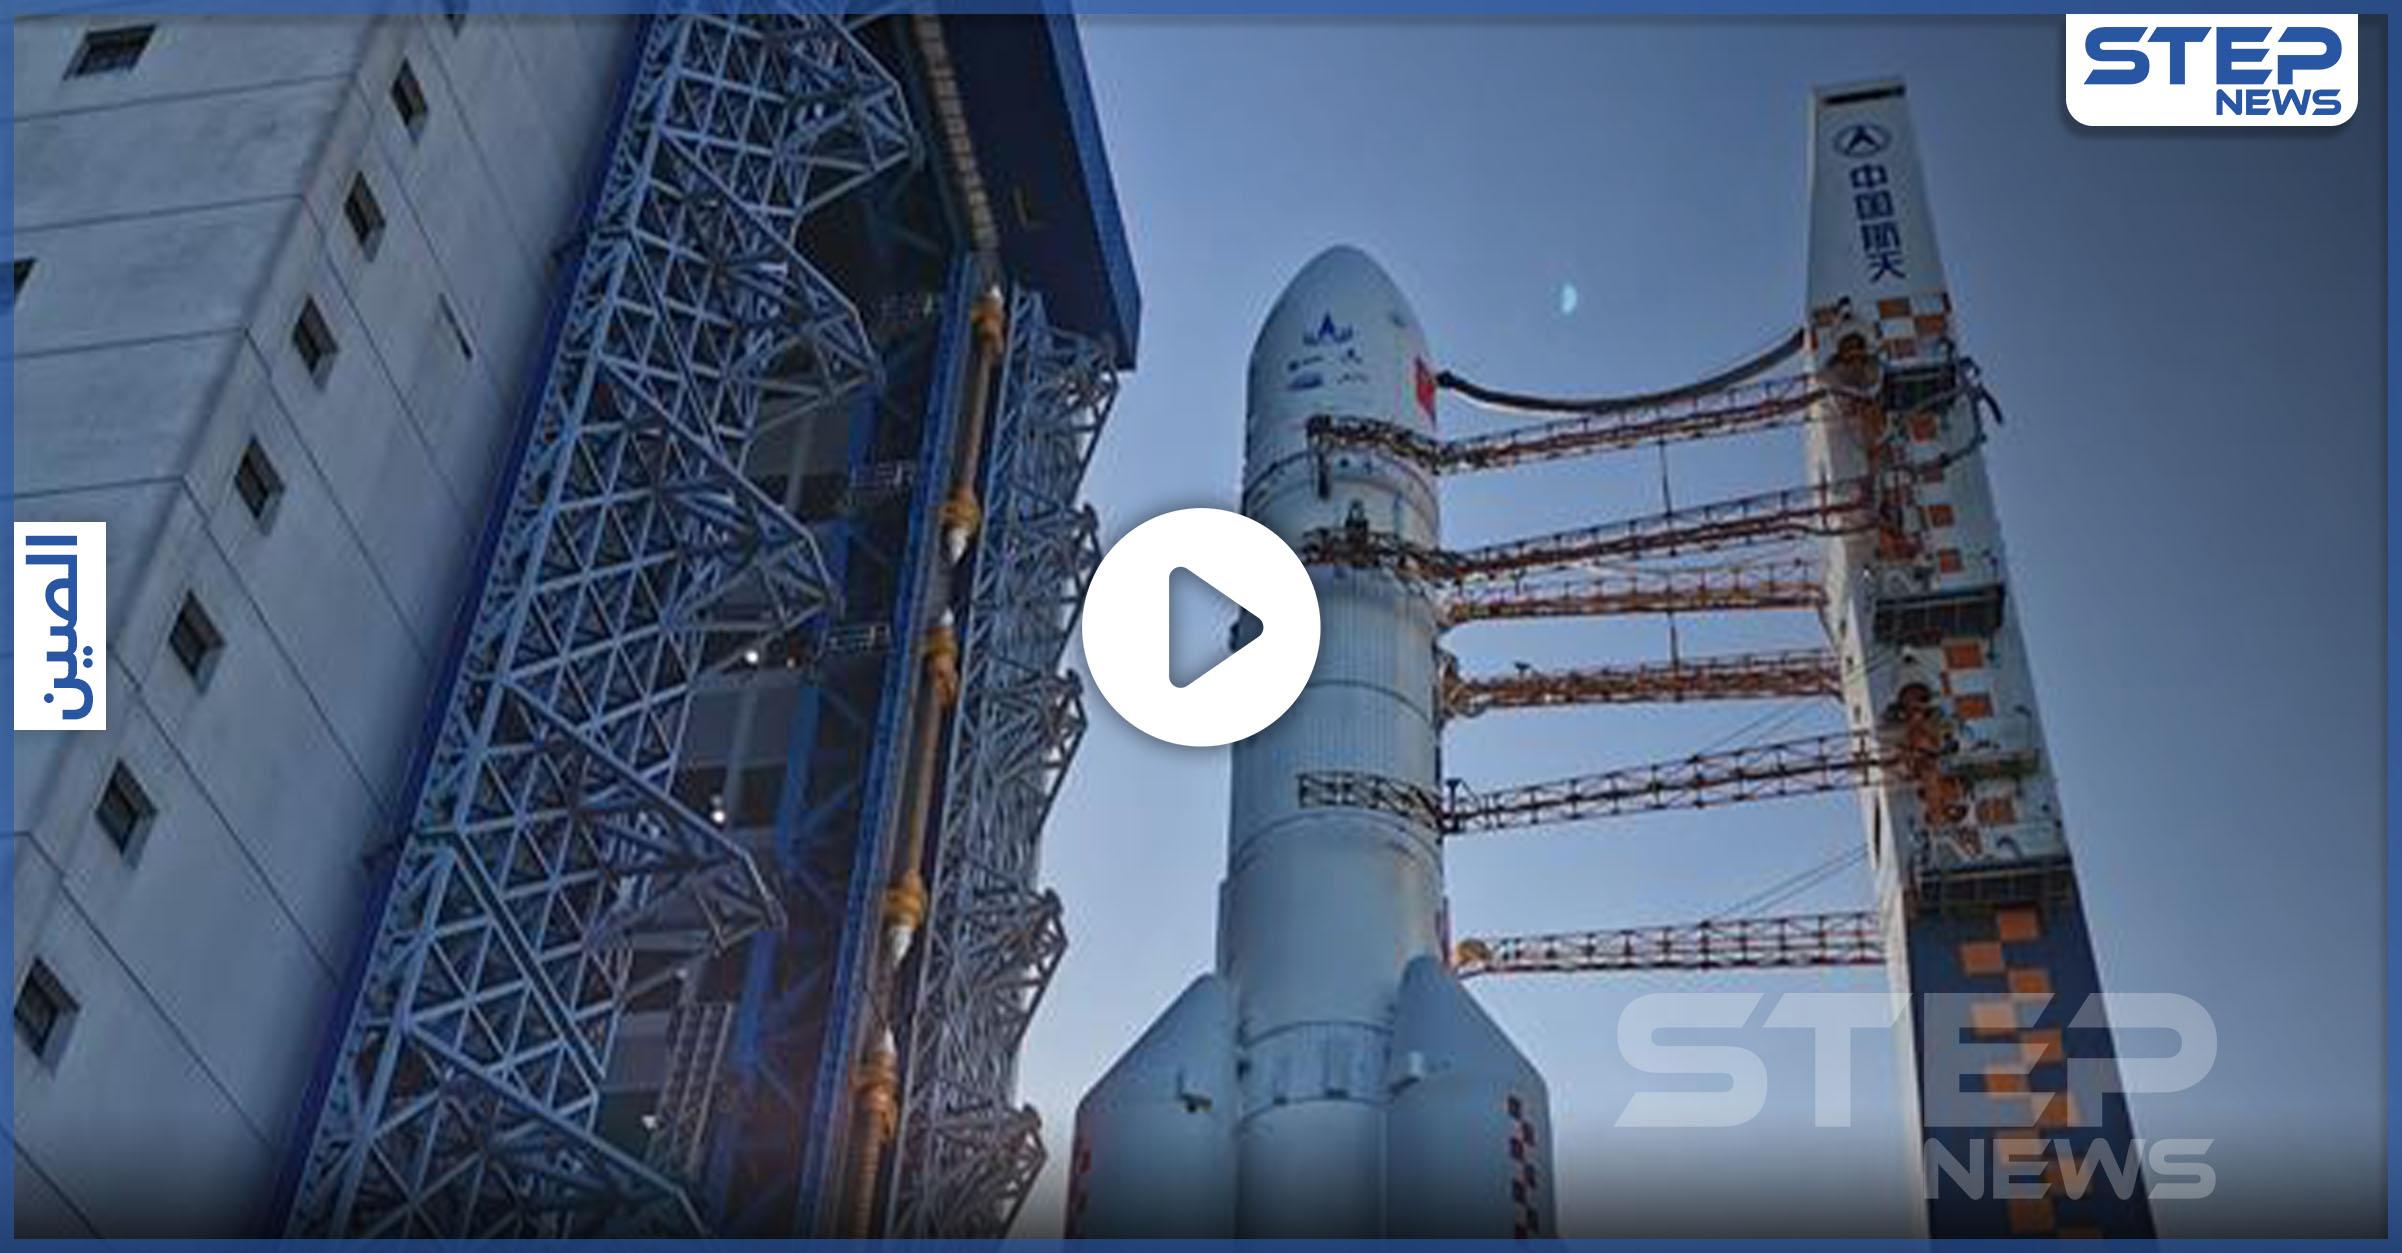 بعد العرب بيومين.. الصين تطلق أول مسبار لها باتجاه المريخ